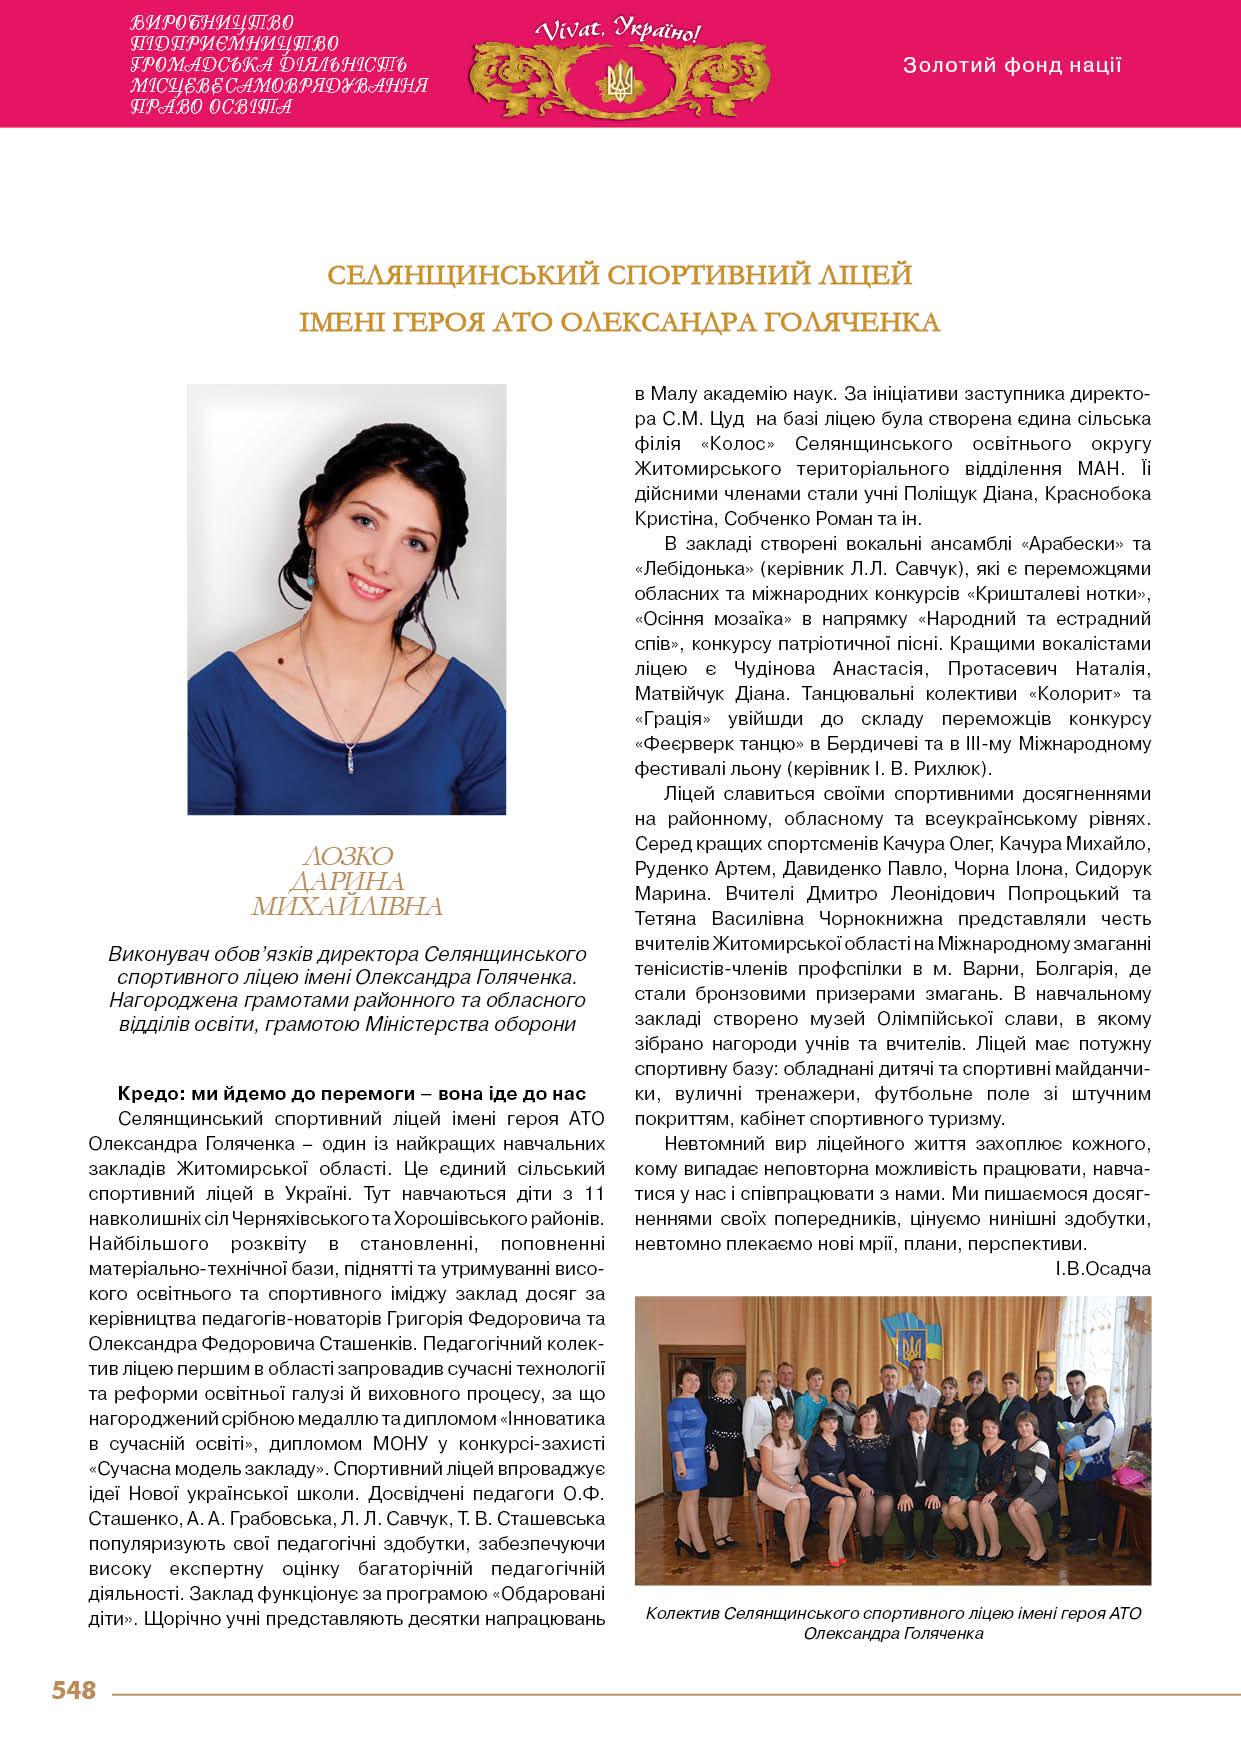 Лозко Дарина Михайлівна